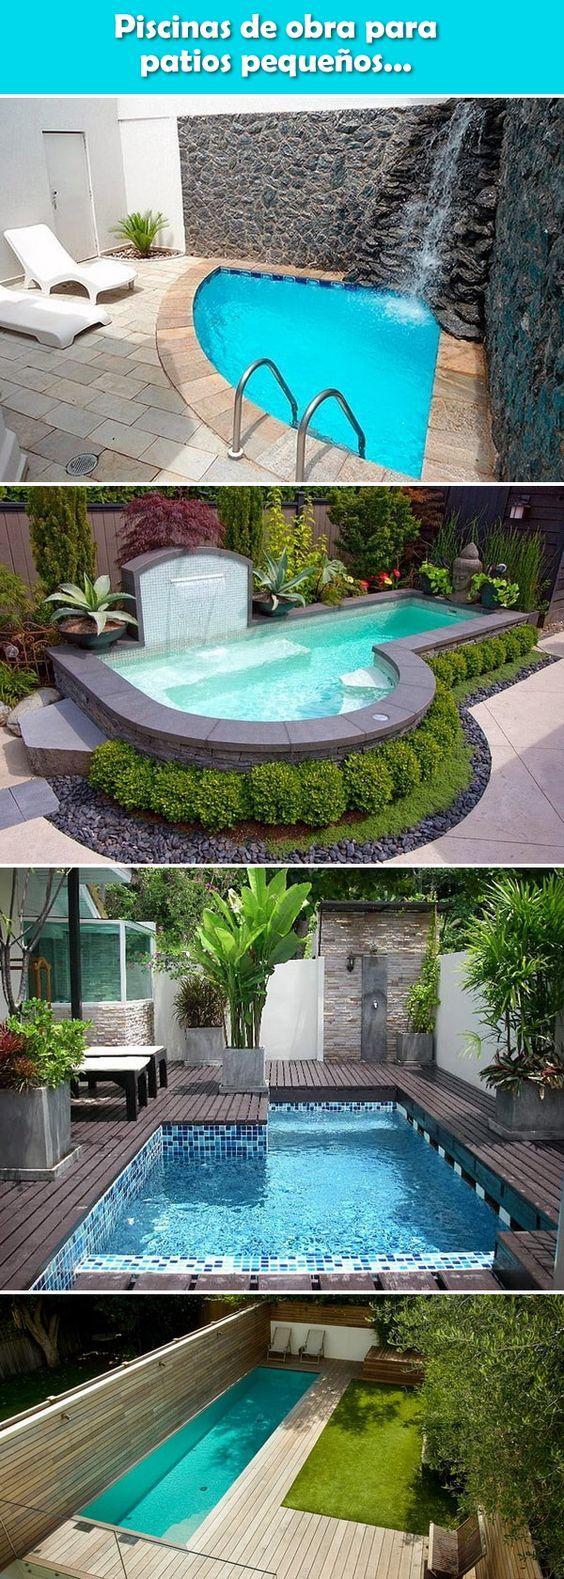 Piscinas de obra para patios pequeños ventajas de las piscinas de